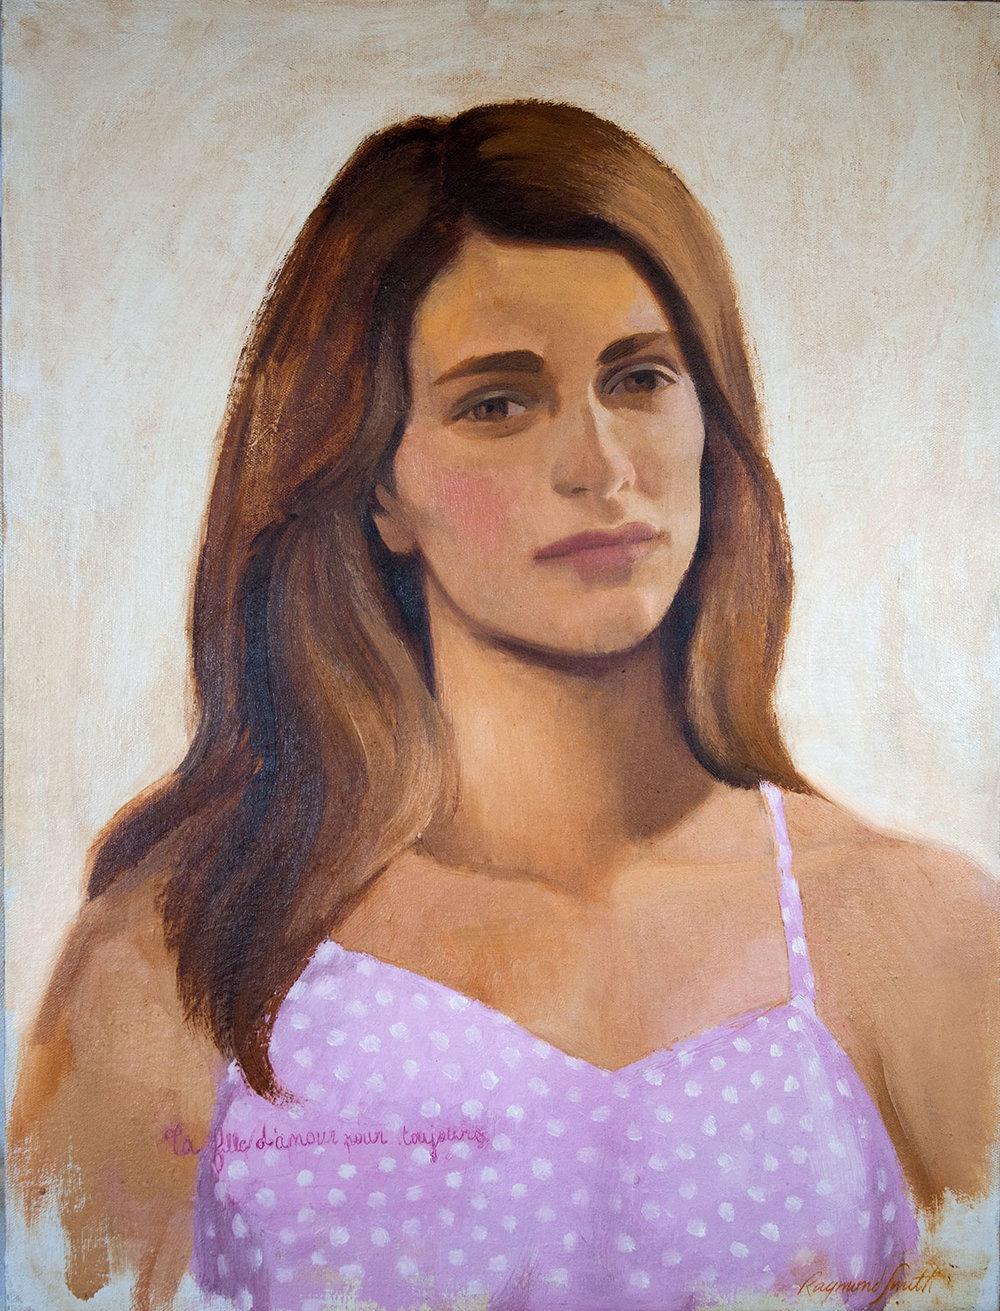 """Loussine   T a fille d'amour pour toujours   Oil/panel 18"""" X 24""""  2011/2016  Collection of Antoine Schapira"""